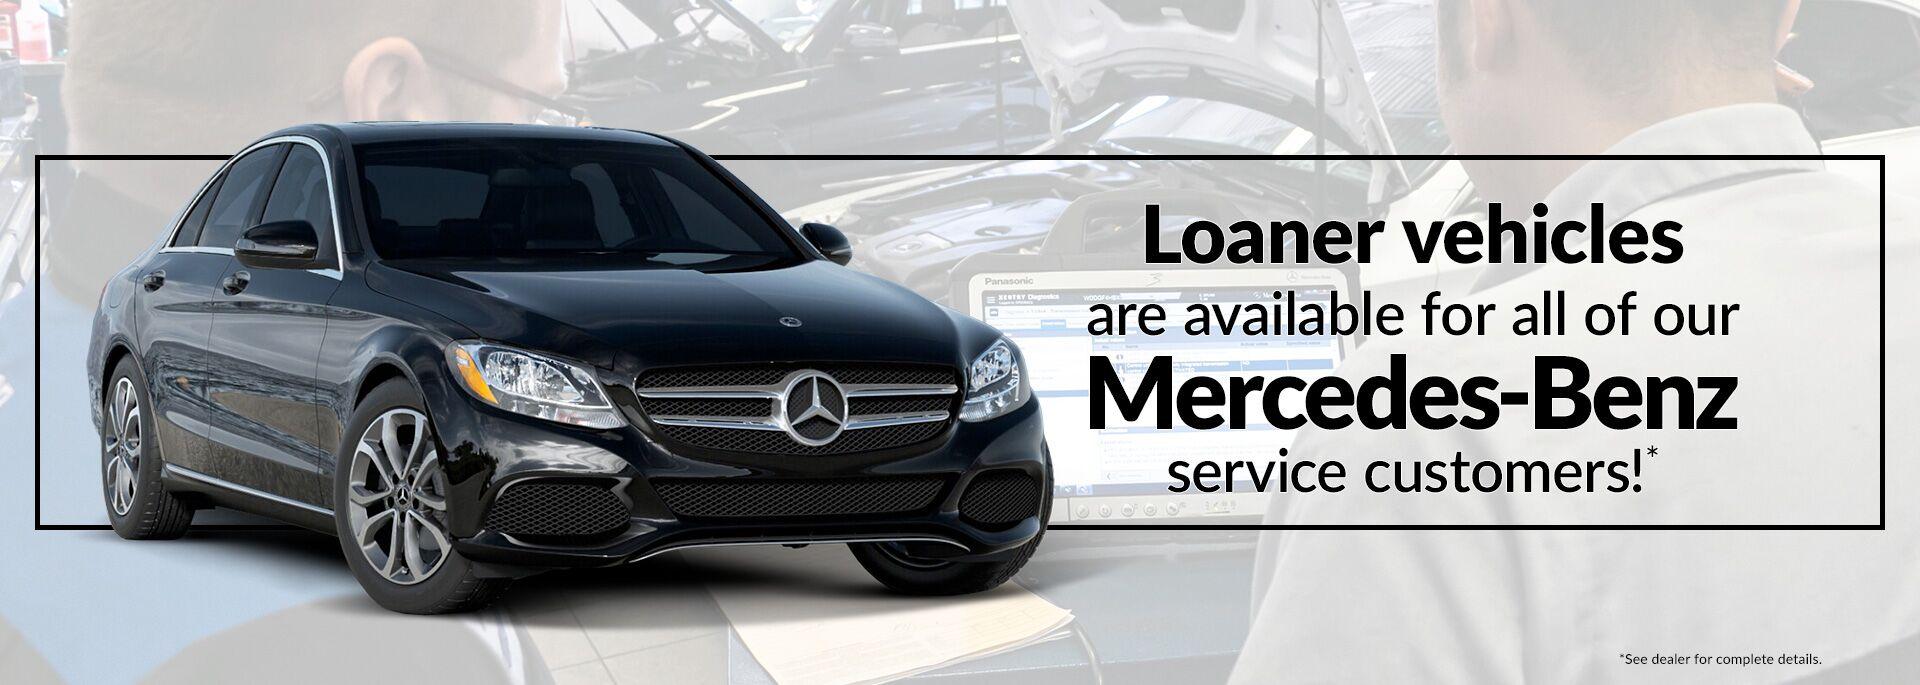 Mercedes-Benz of El Paso | Luxury Cars, SUVs, Convertibles, Coupes El Paso